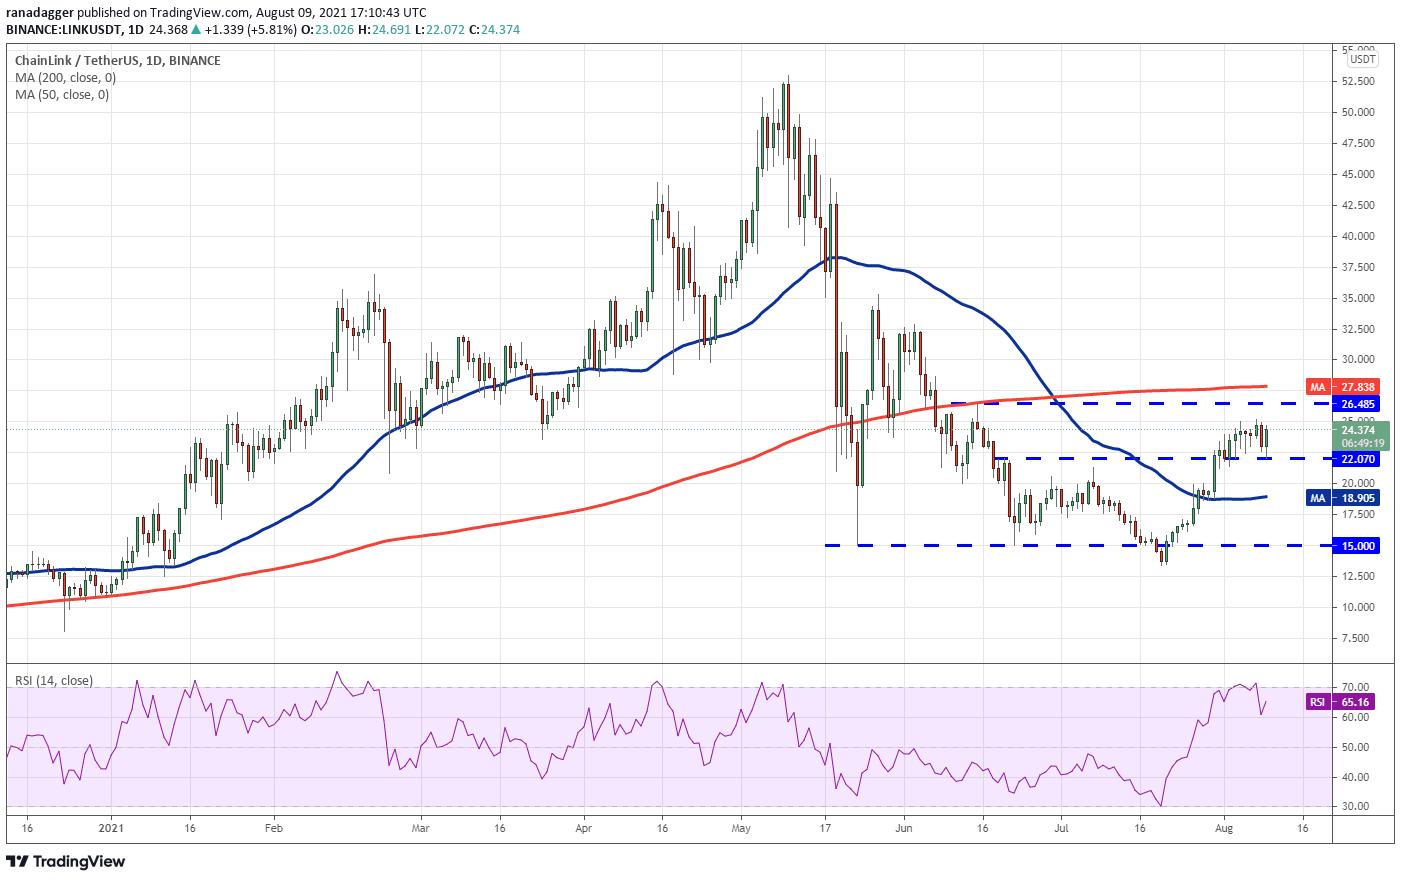 تحلیل قیمت ارز دیجیتال چین لینک - 19 مرداد 1400